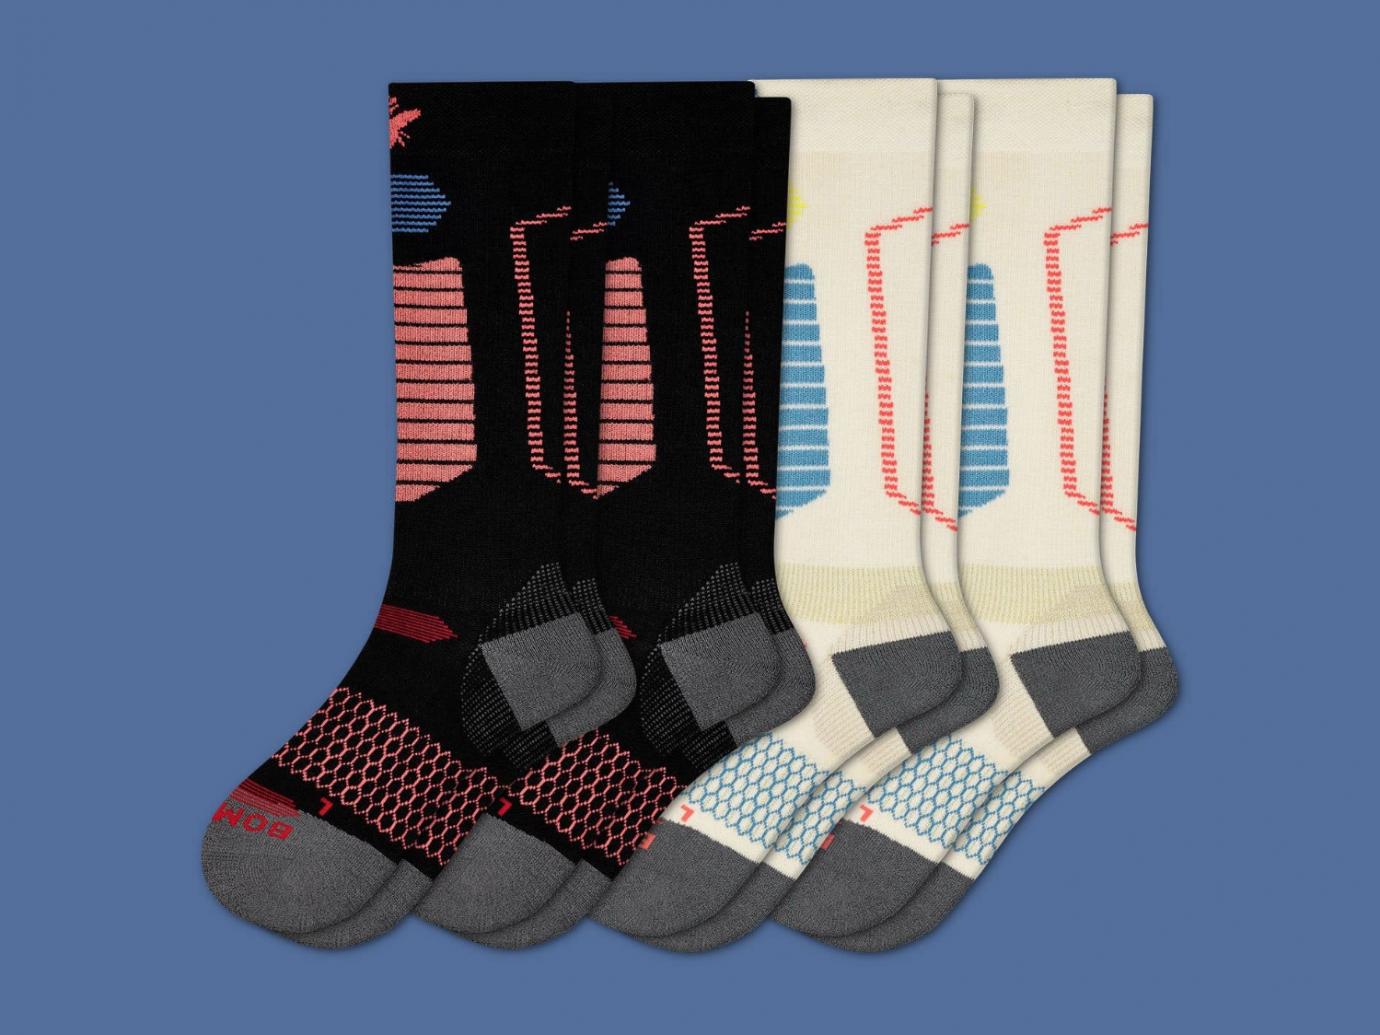 Bombas Ski Socks